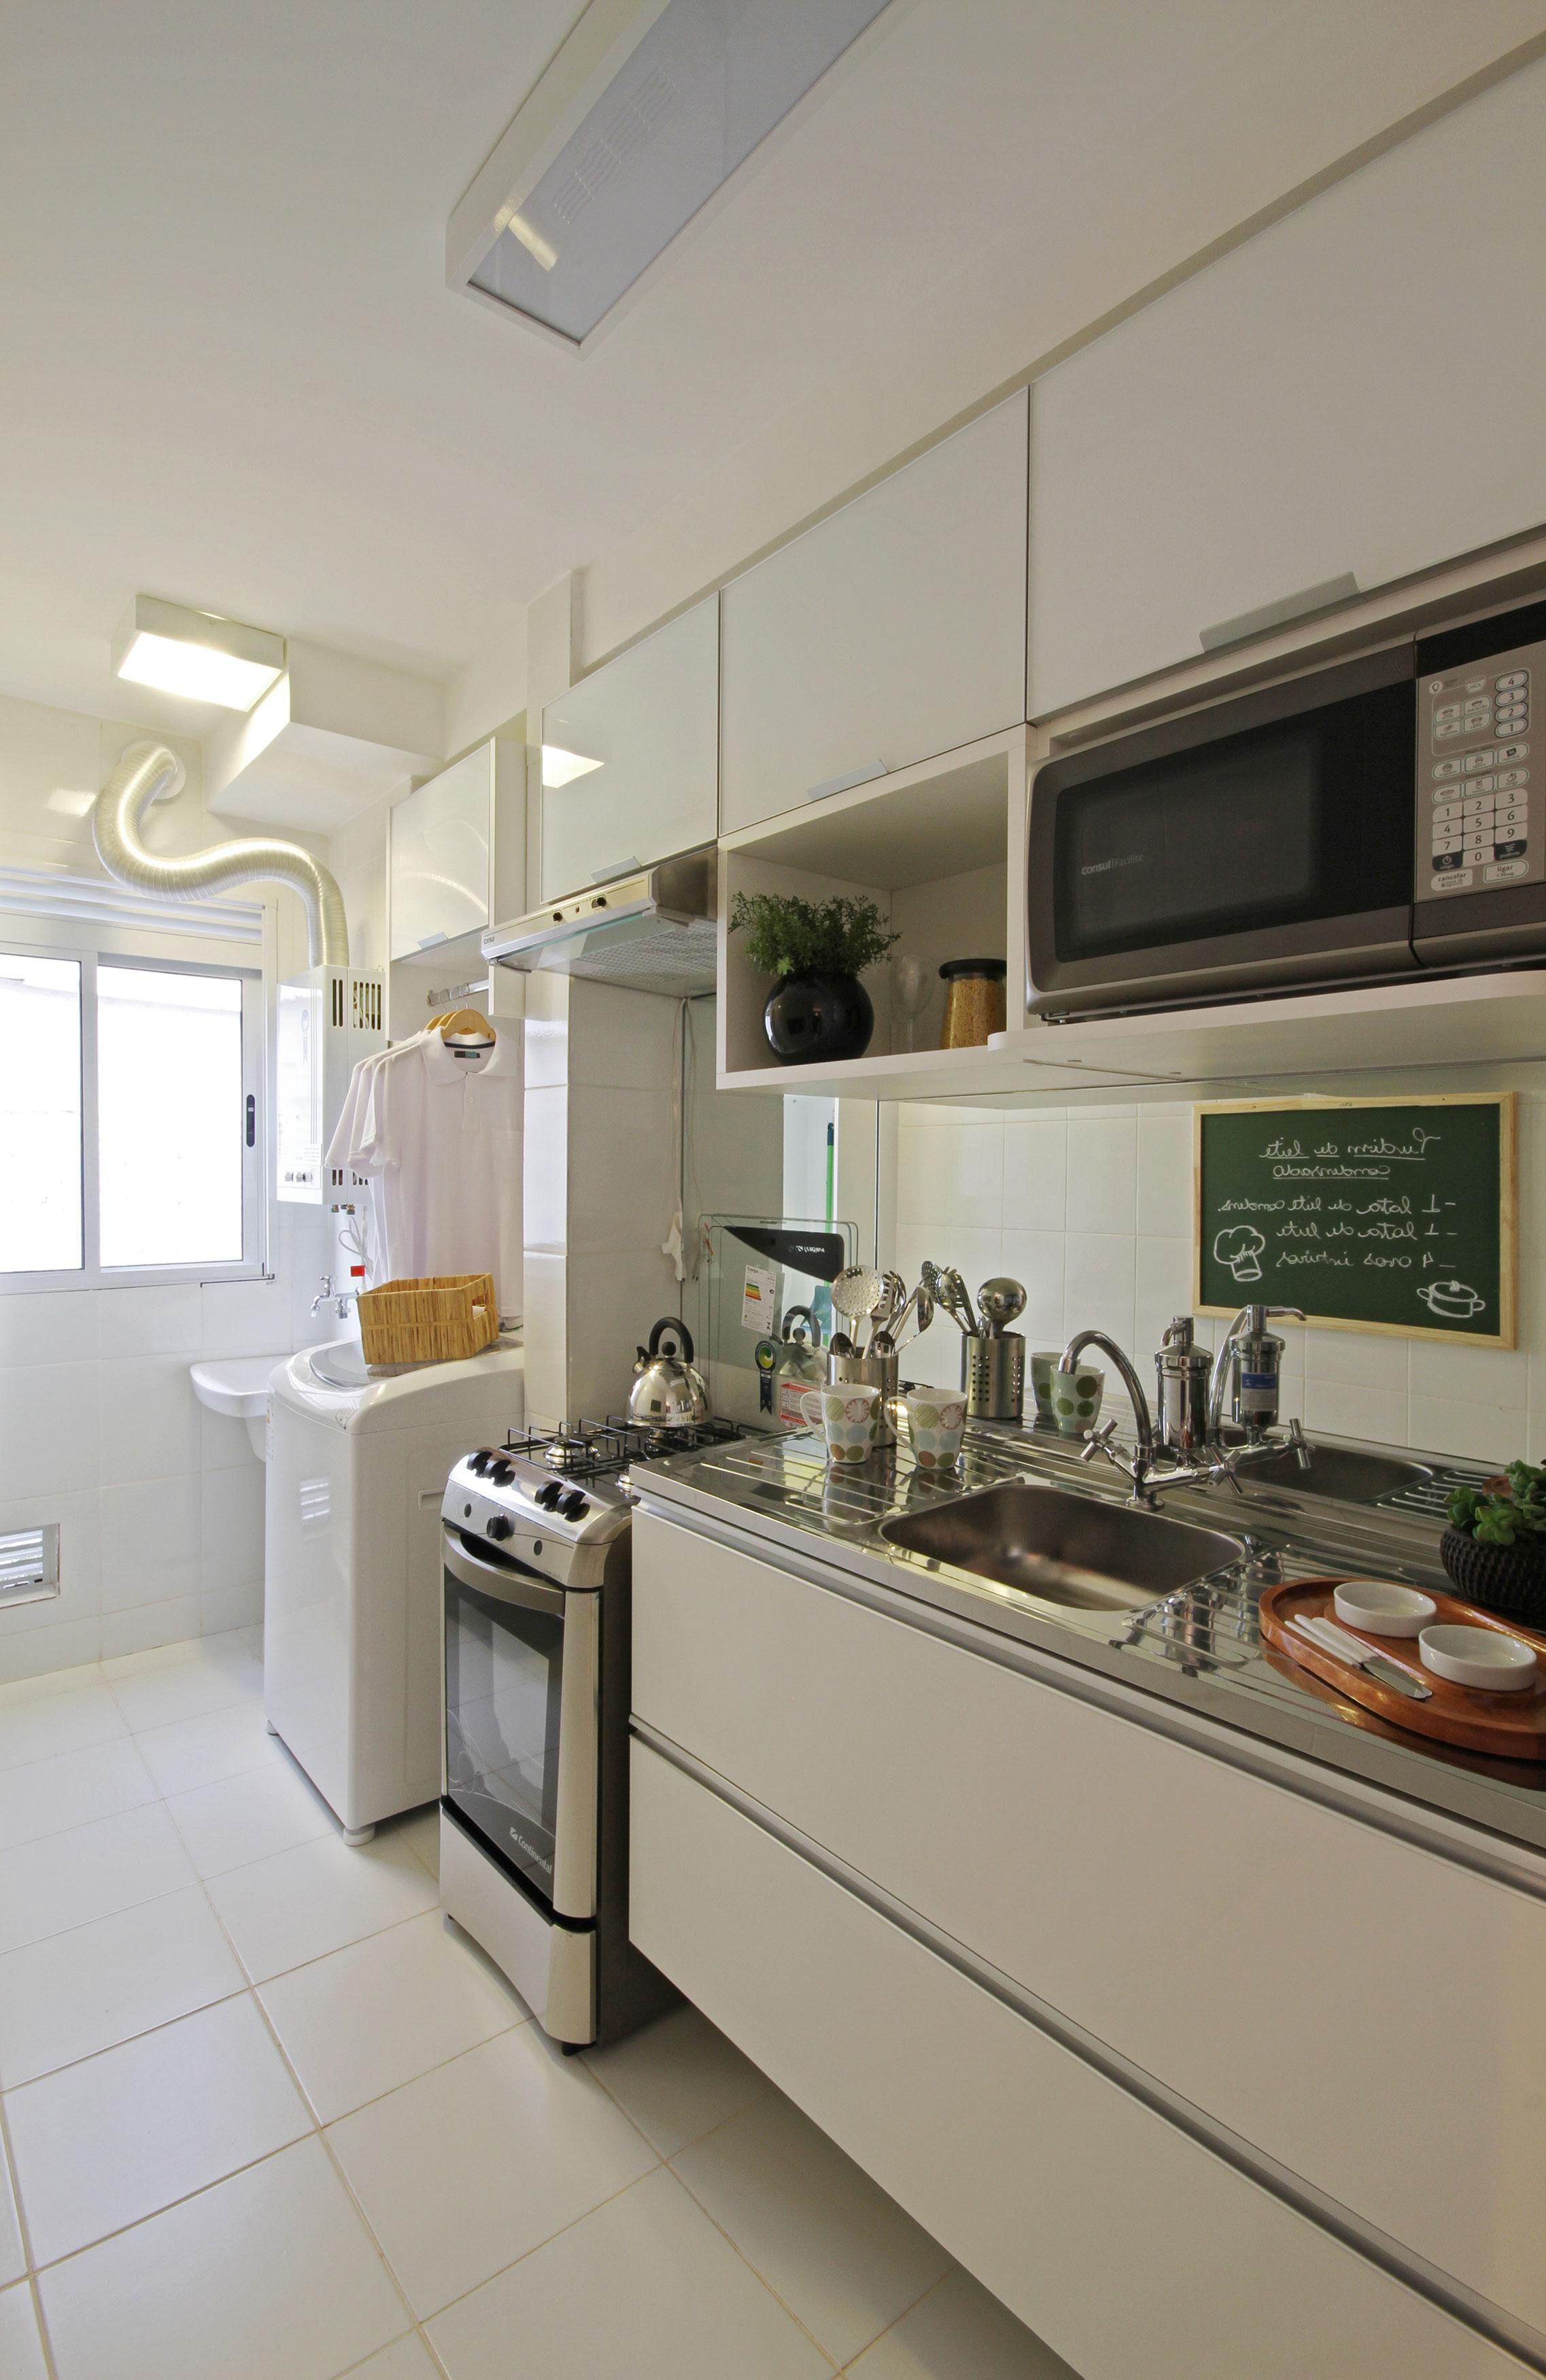 44,4m² Cozinha